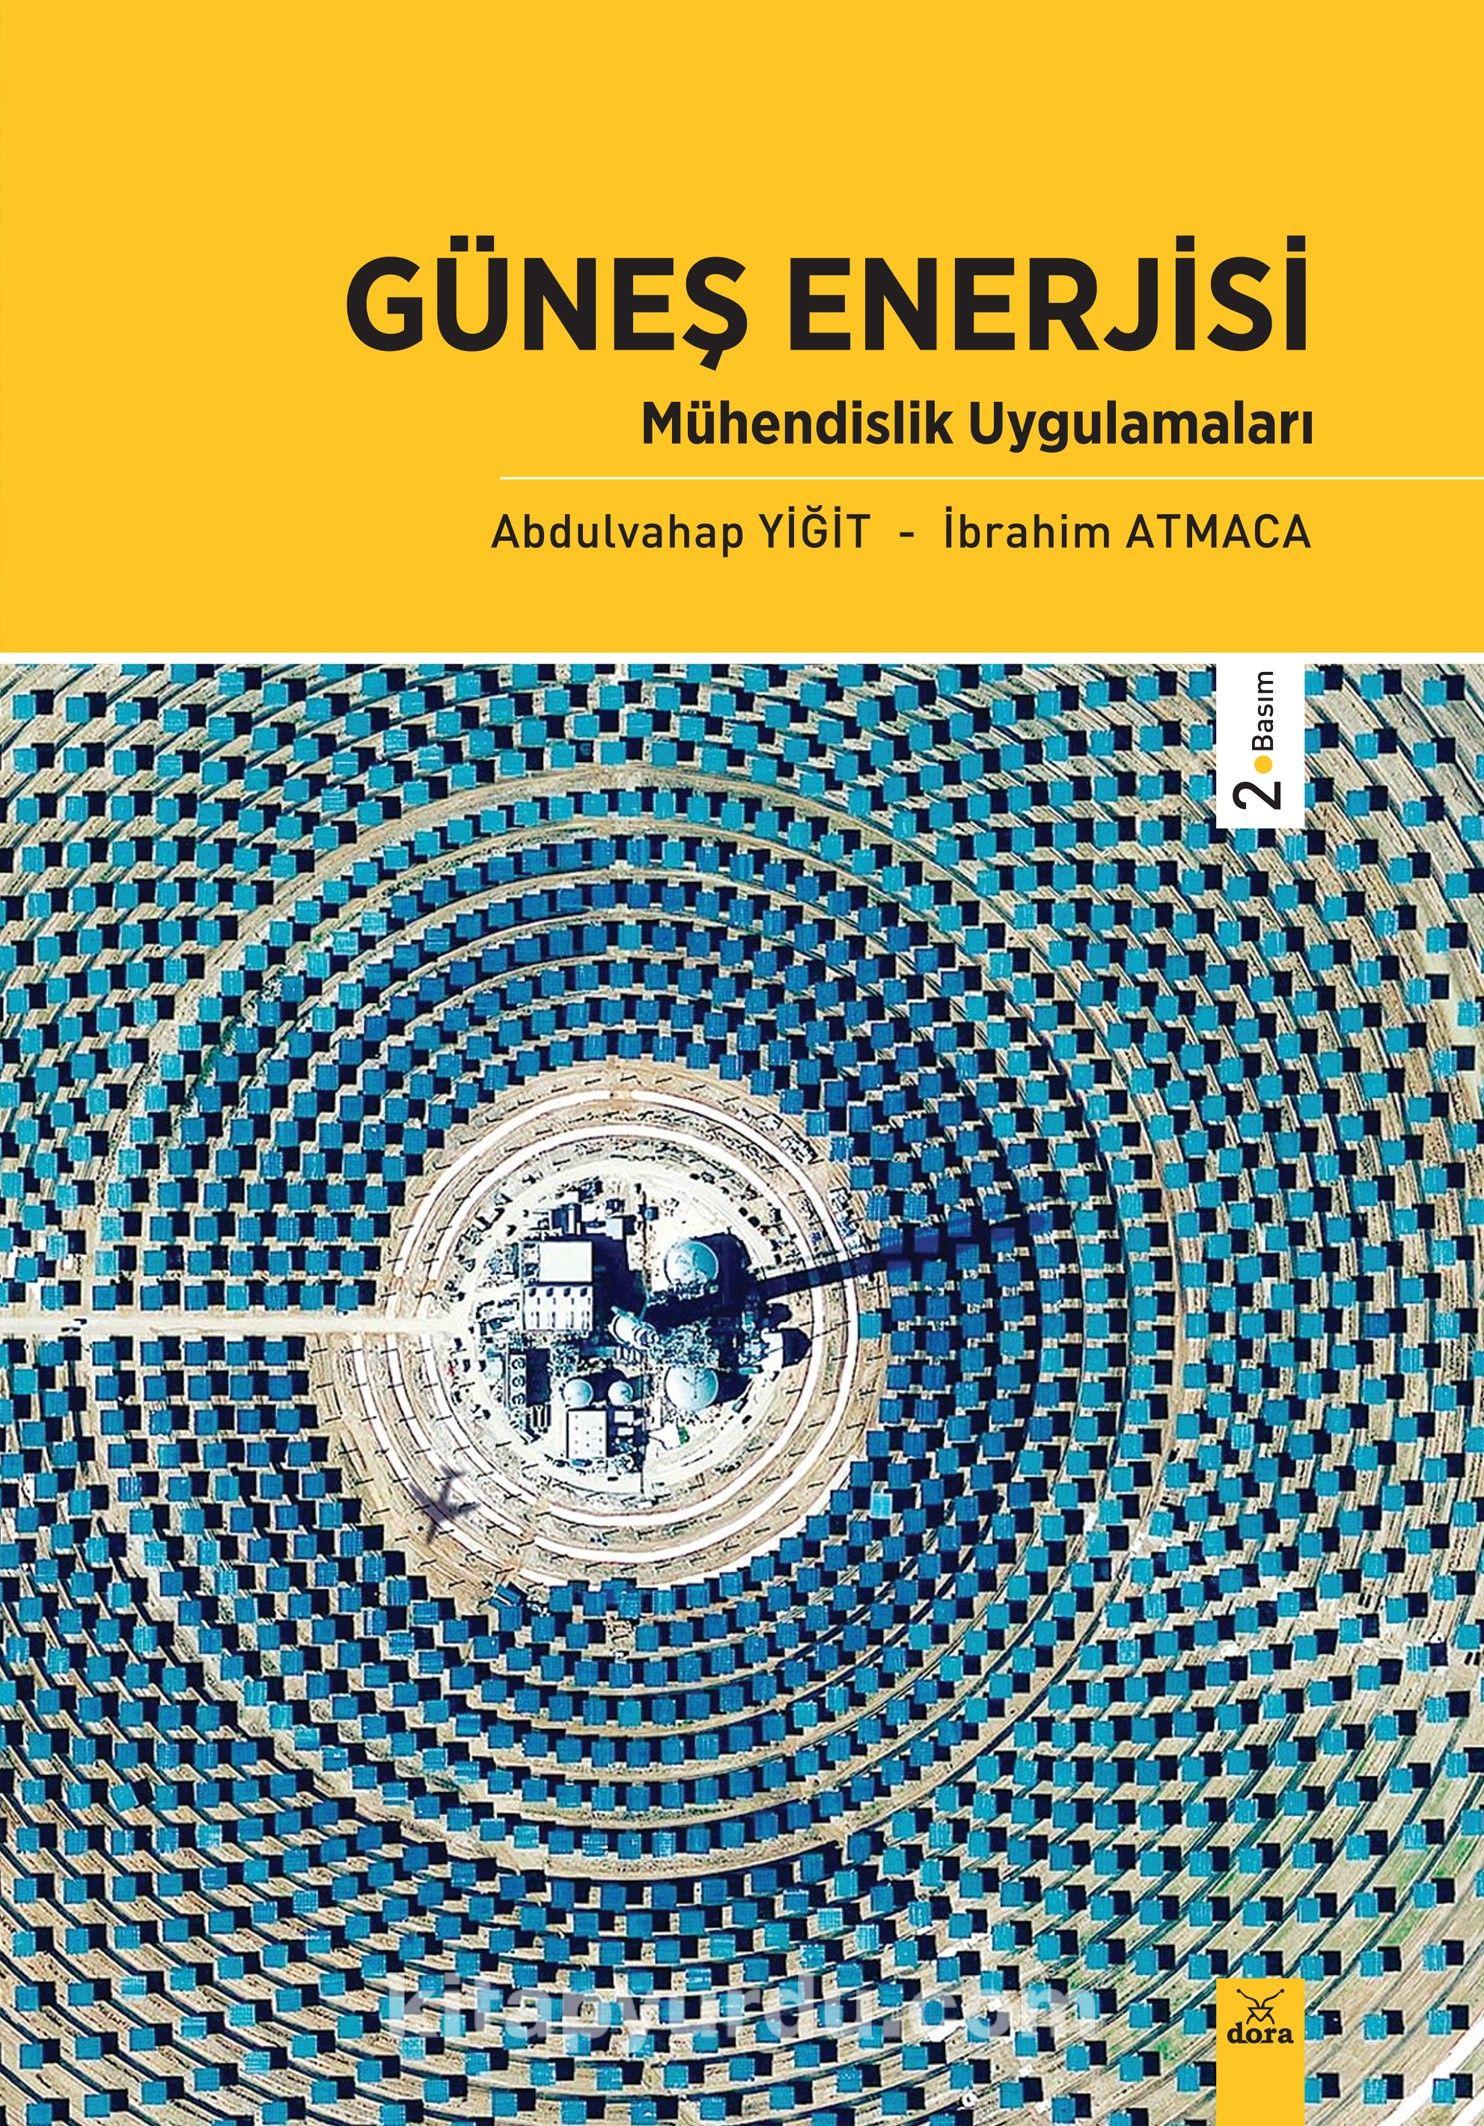 Güneş Enerjisi Mühendislik Uygulamaları - Prof. Dr. Abdulvahap Yiğit pdf epub